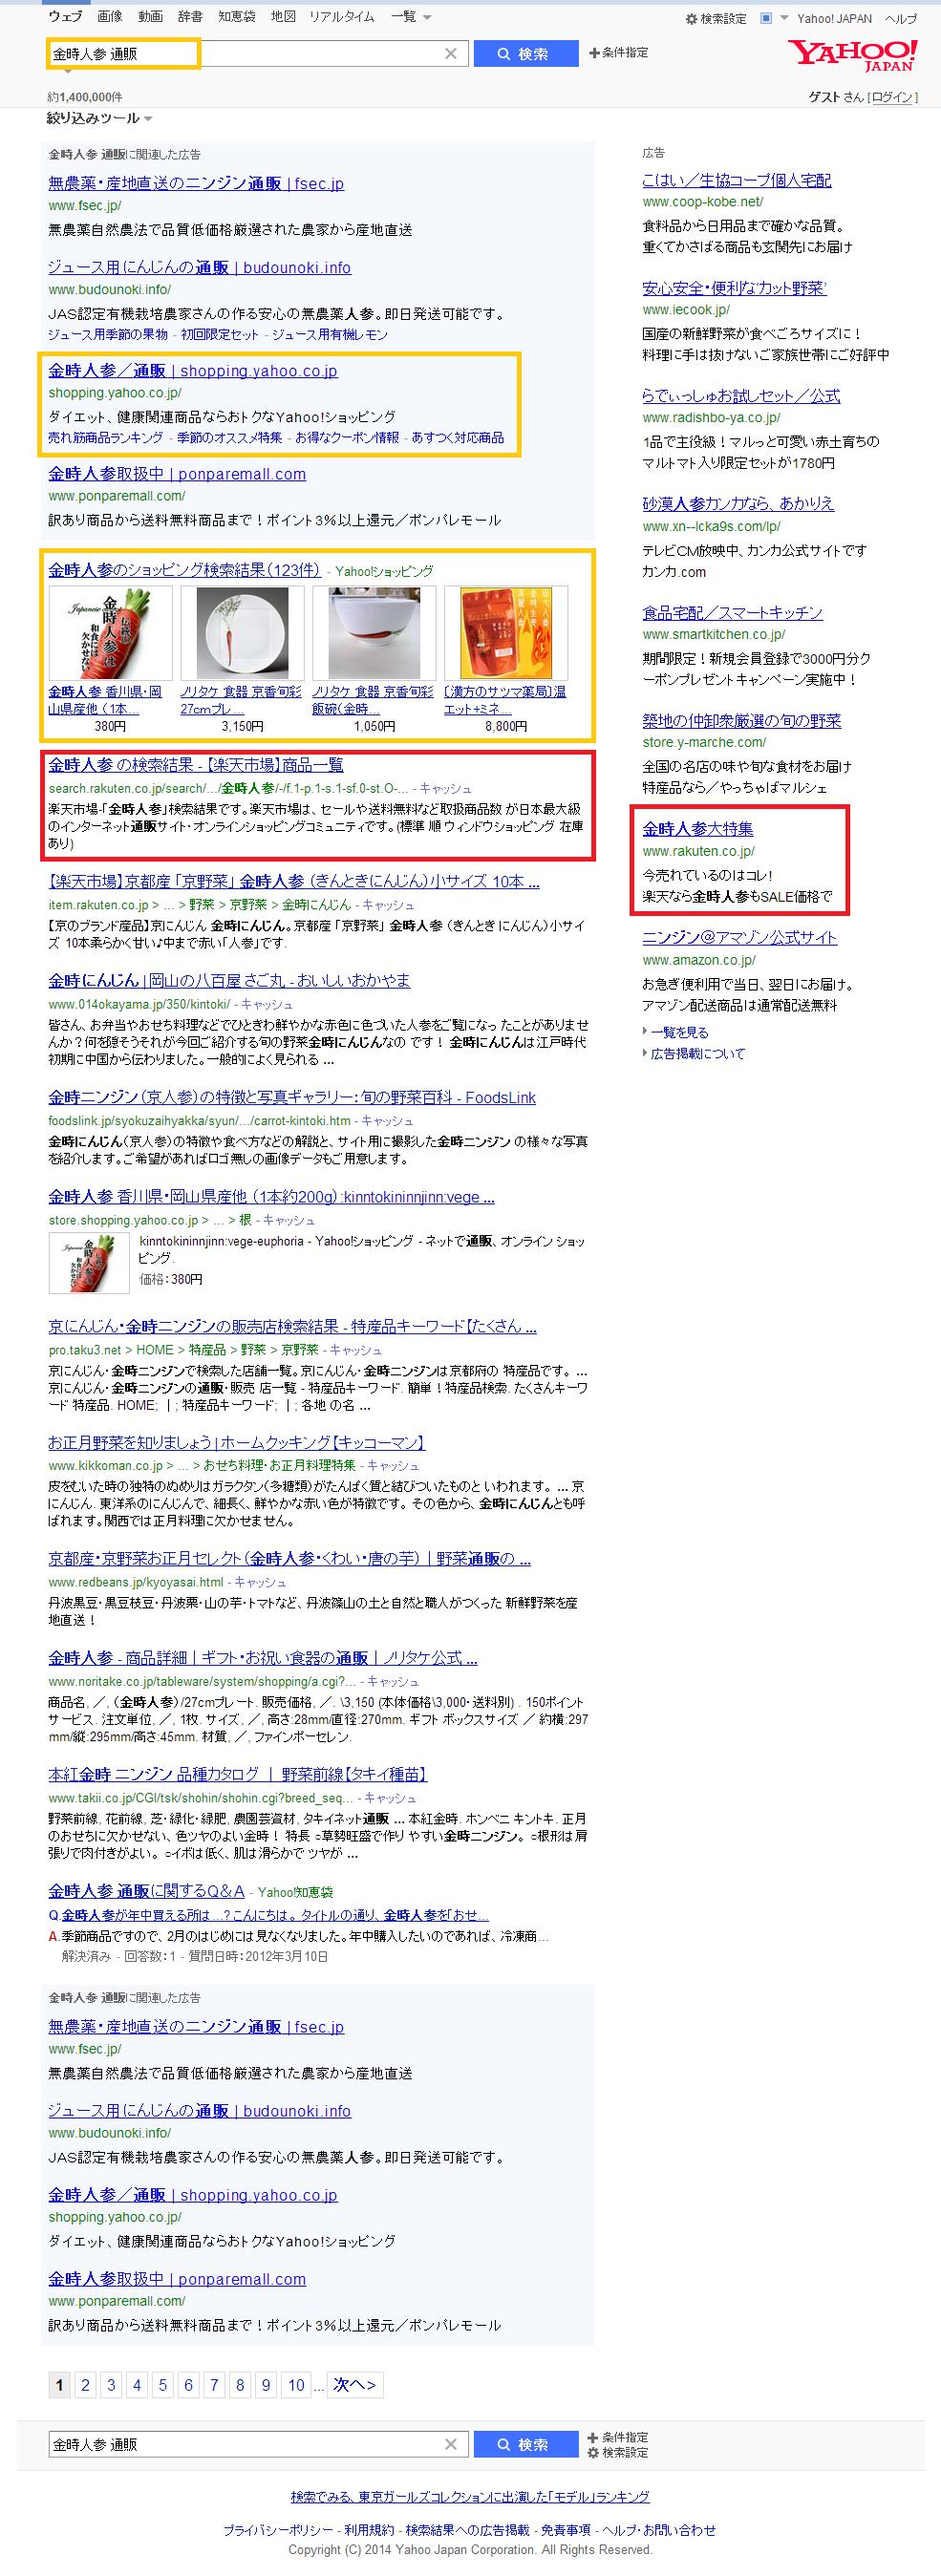 「金時人参 通販」の検索結果   Yahoo 検索_1.png